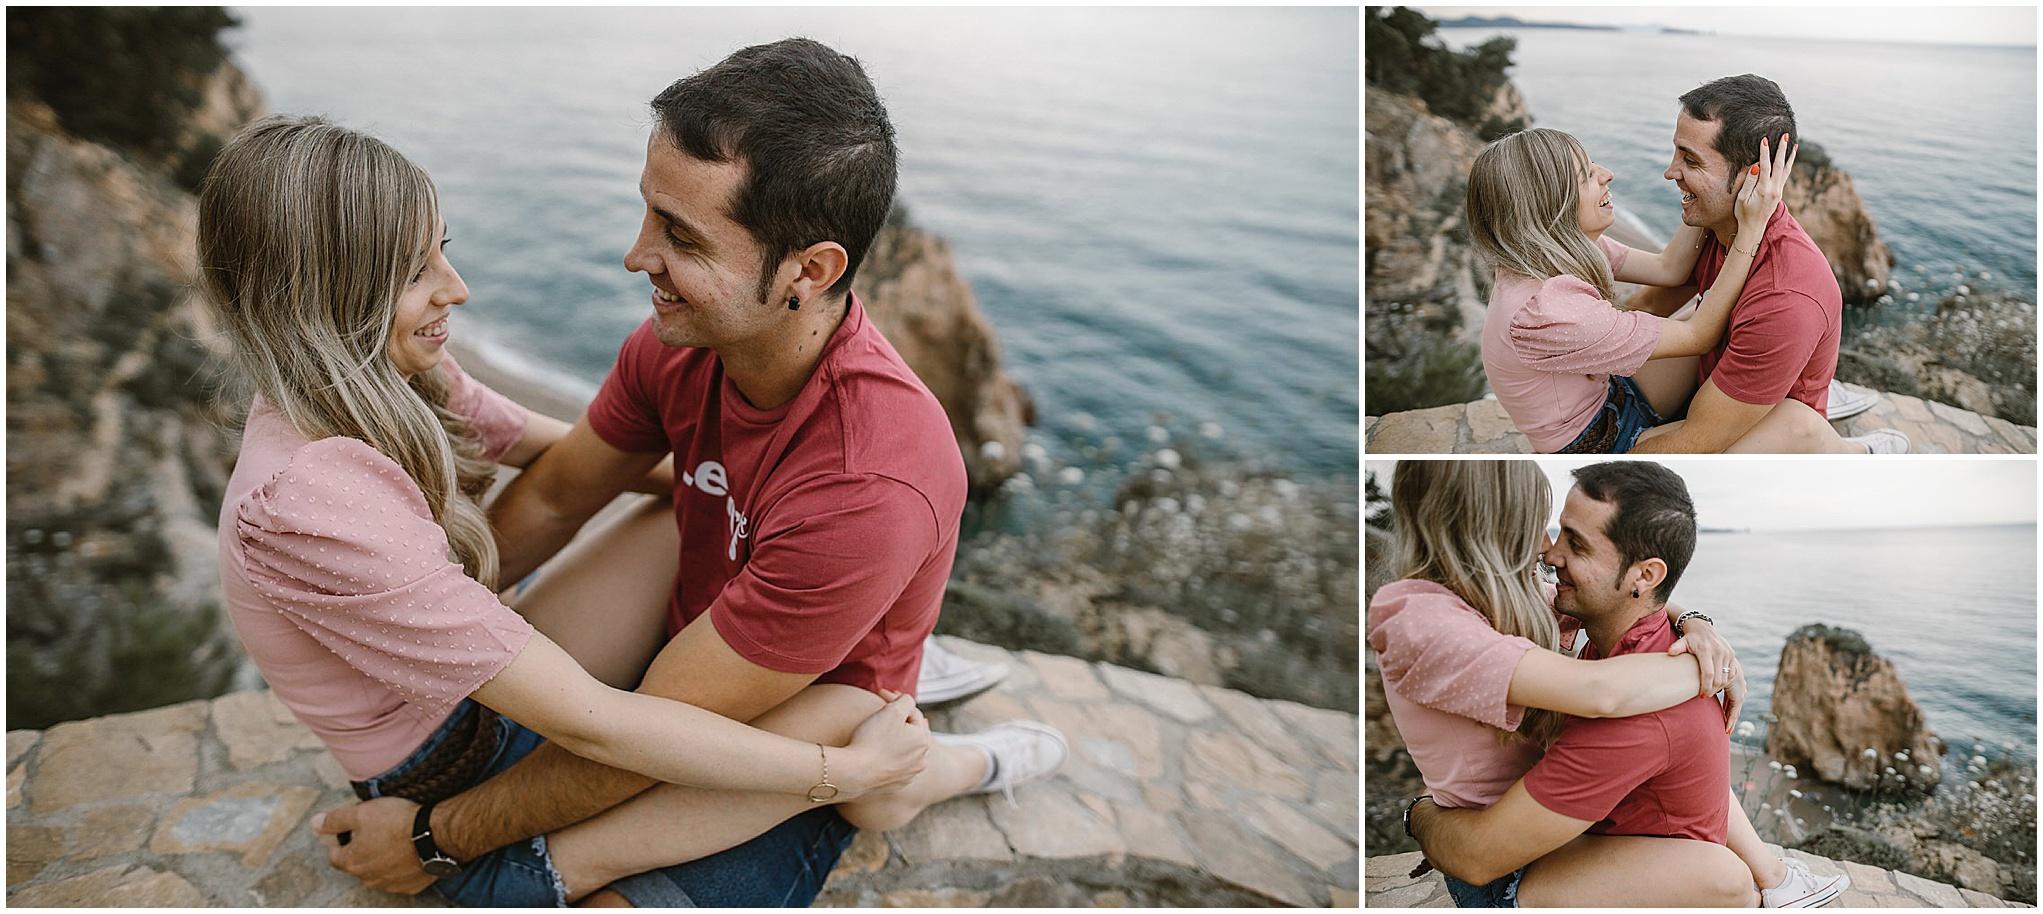 Pareja en la costa brava, lugares para visitar en la costa brava, Begur, Illa Roja, Levis España, pareja en sesión de fotos de preboda